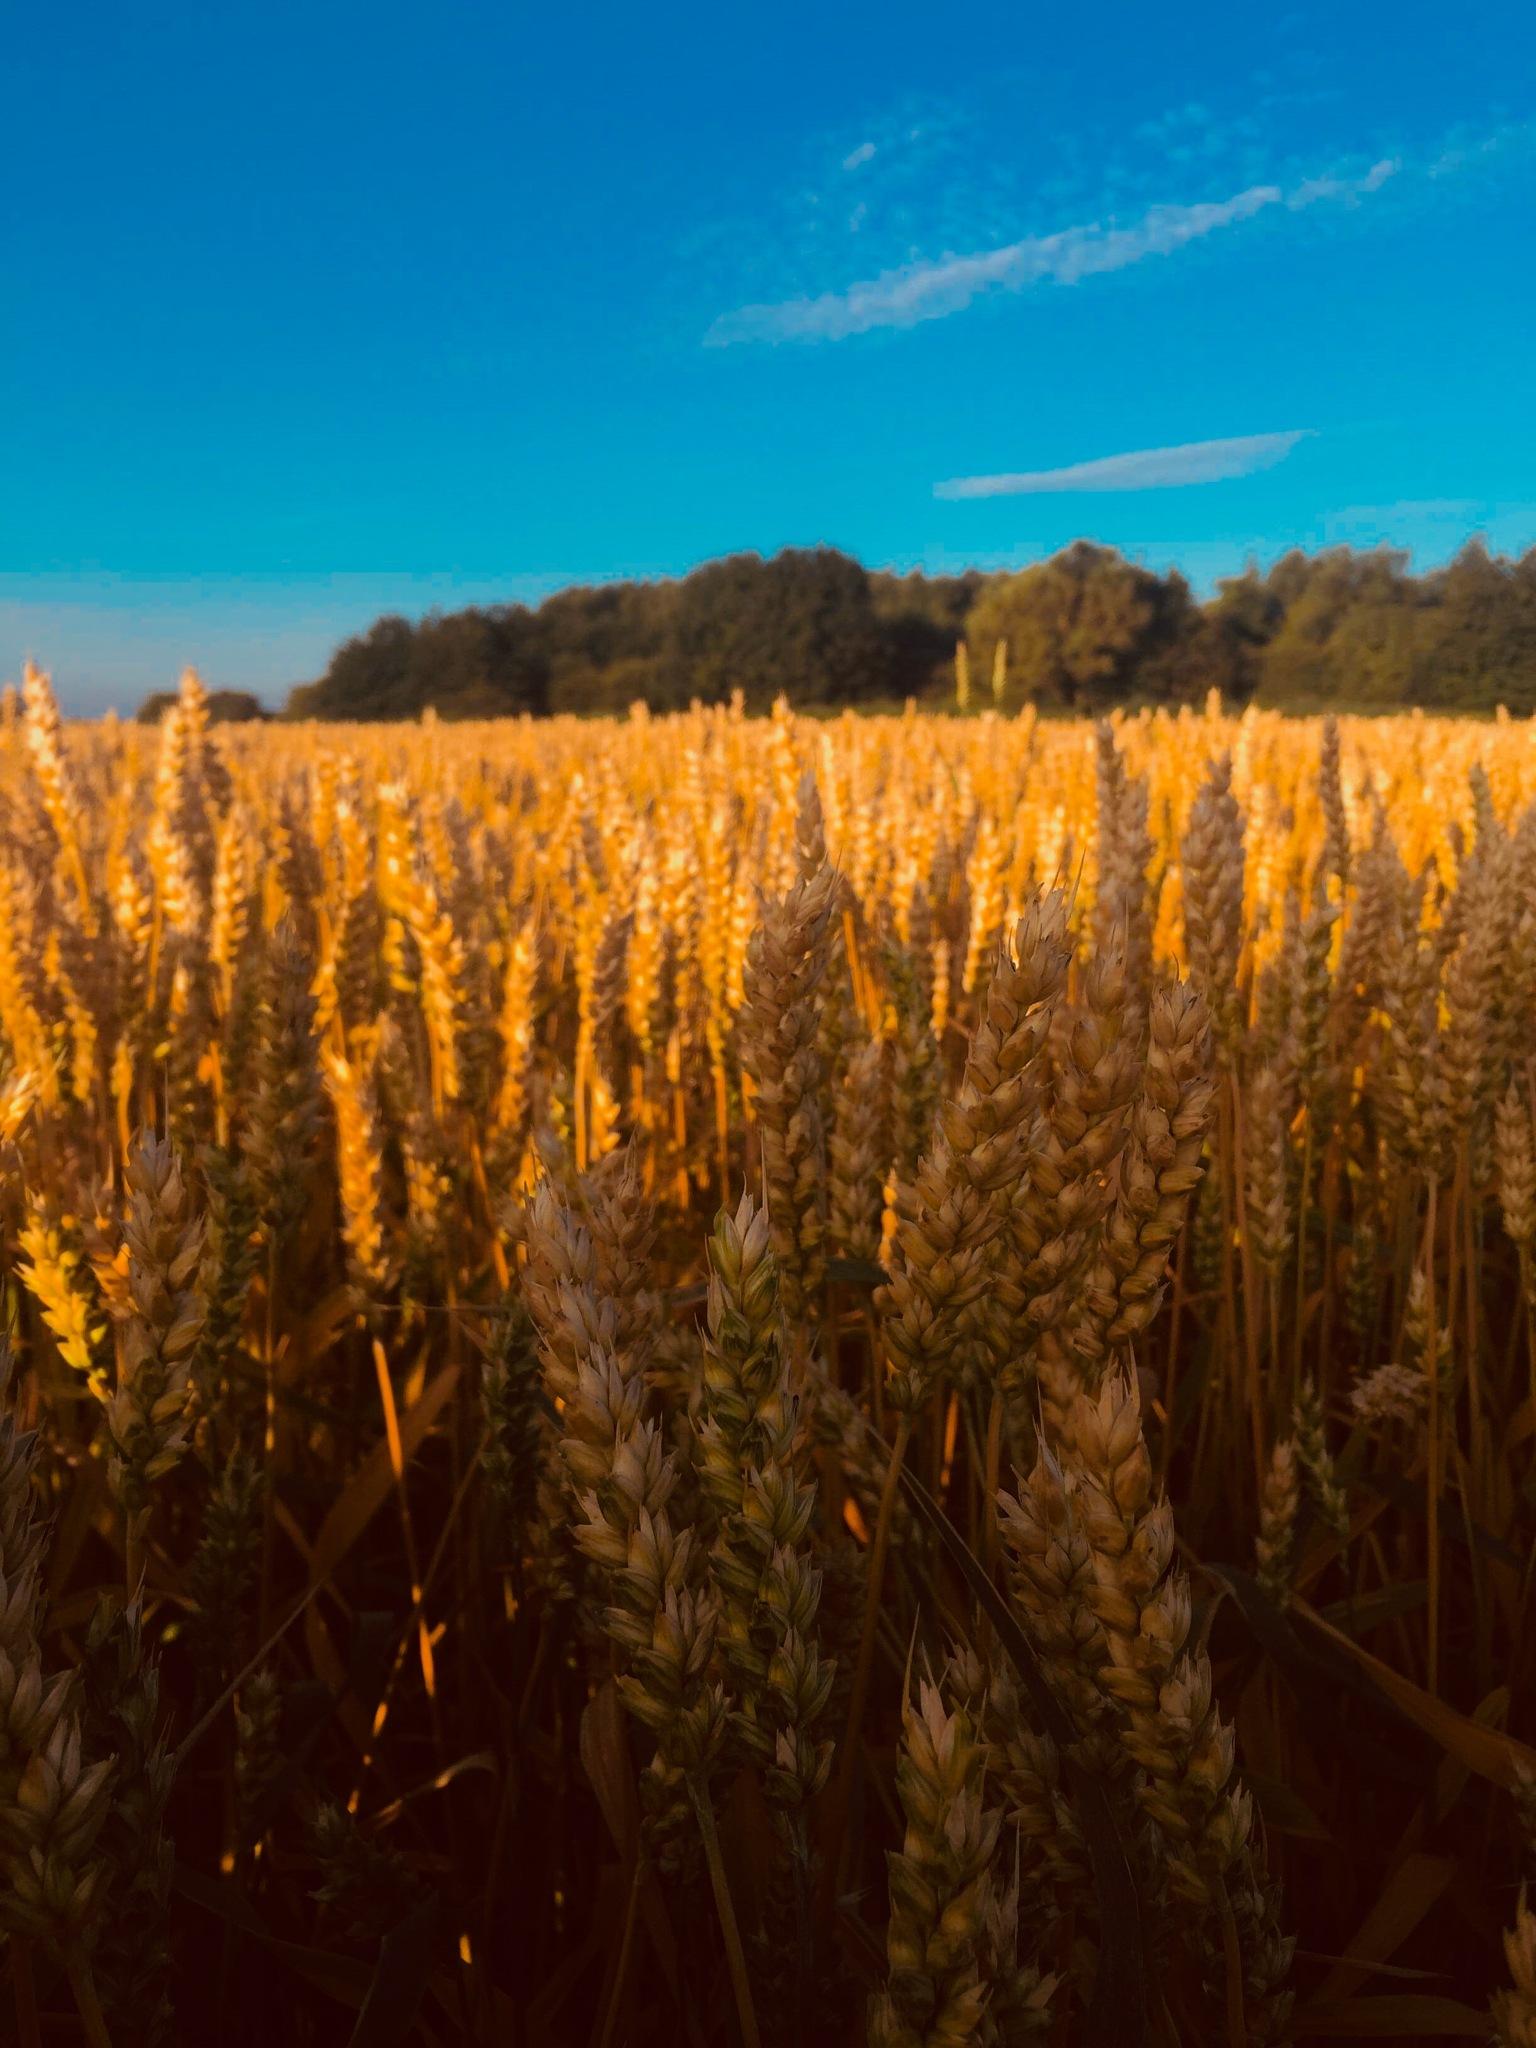 Wheat field by Tazmin Buckingham